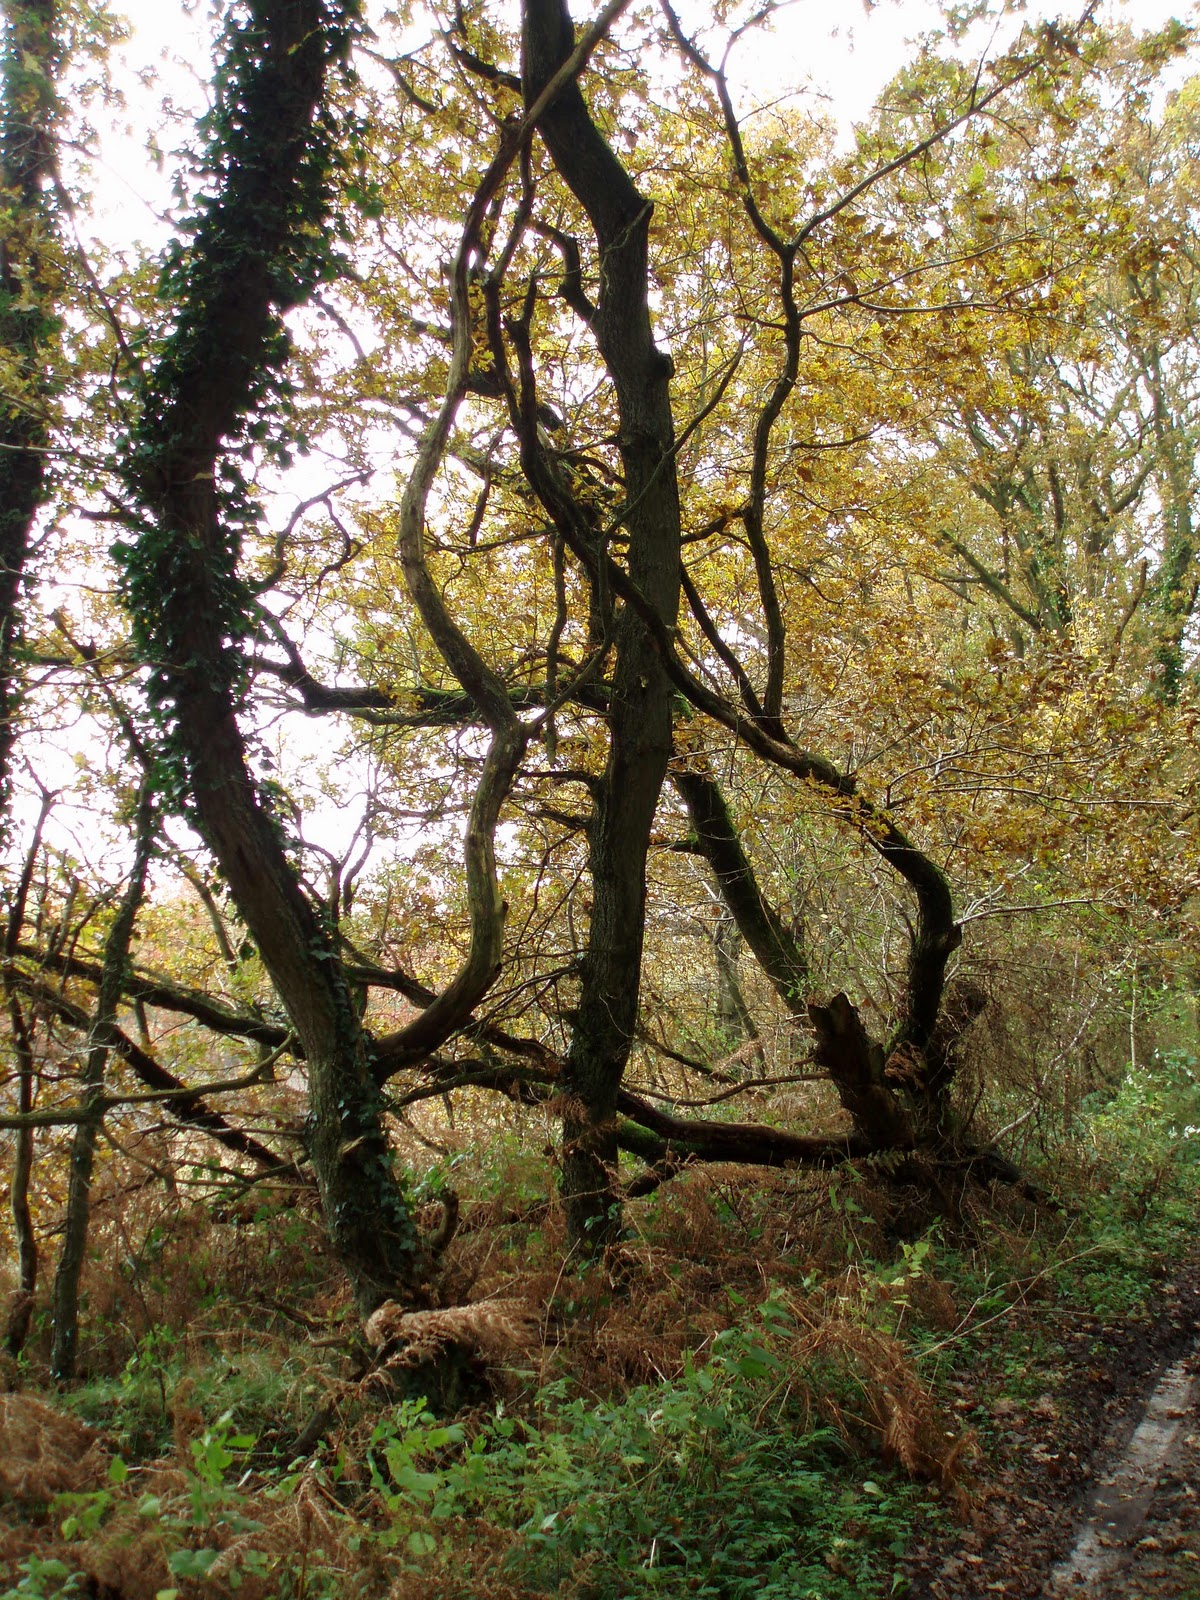 Vi er heldige at bo tæt ved skoven. ved indgangen til skoven er dette